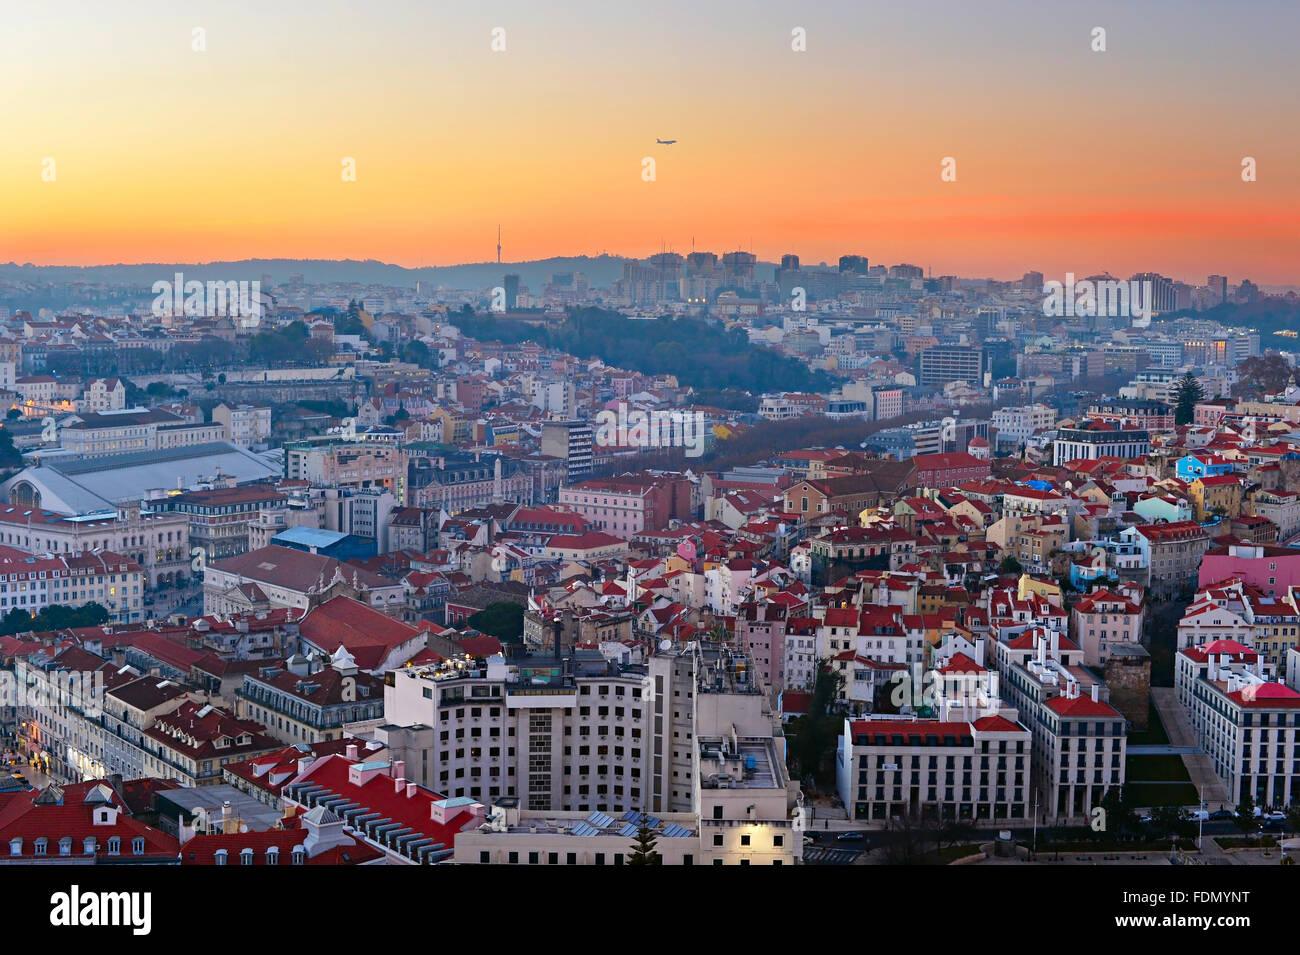 Avión sobrevolando el hermoso atardecer en Lisboa. Portugal Imagen De Stock